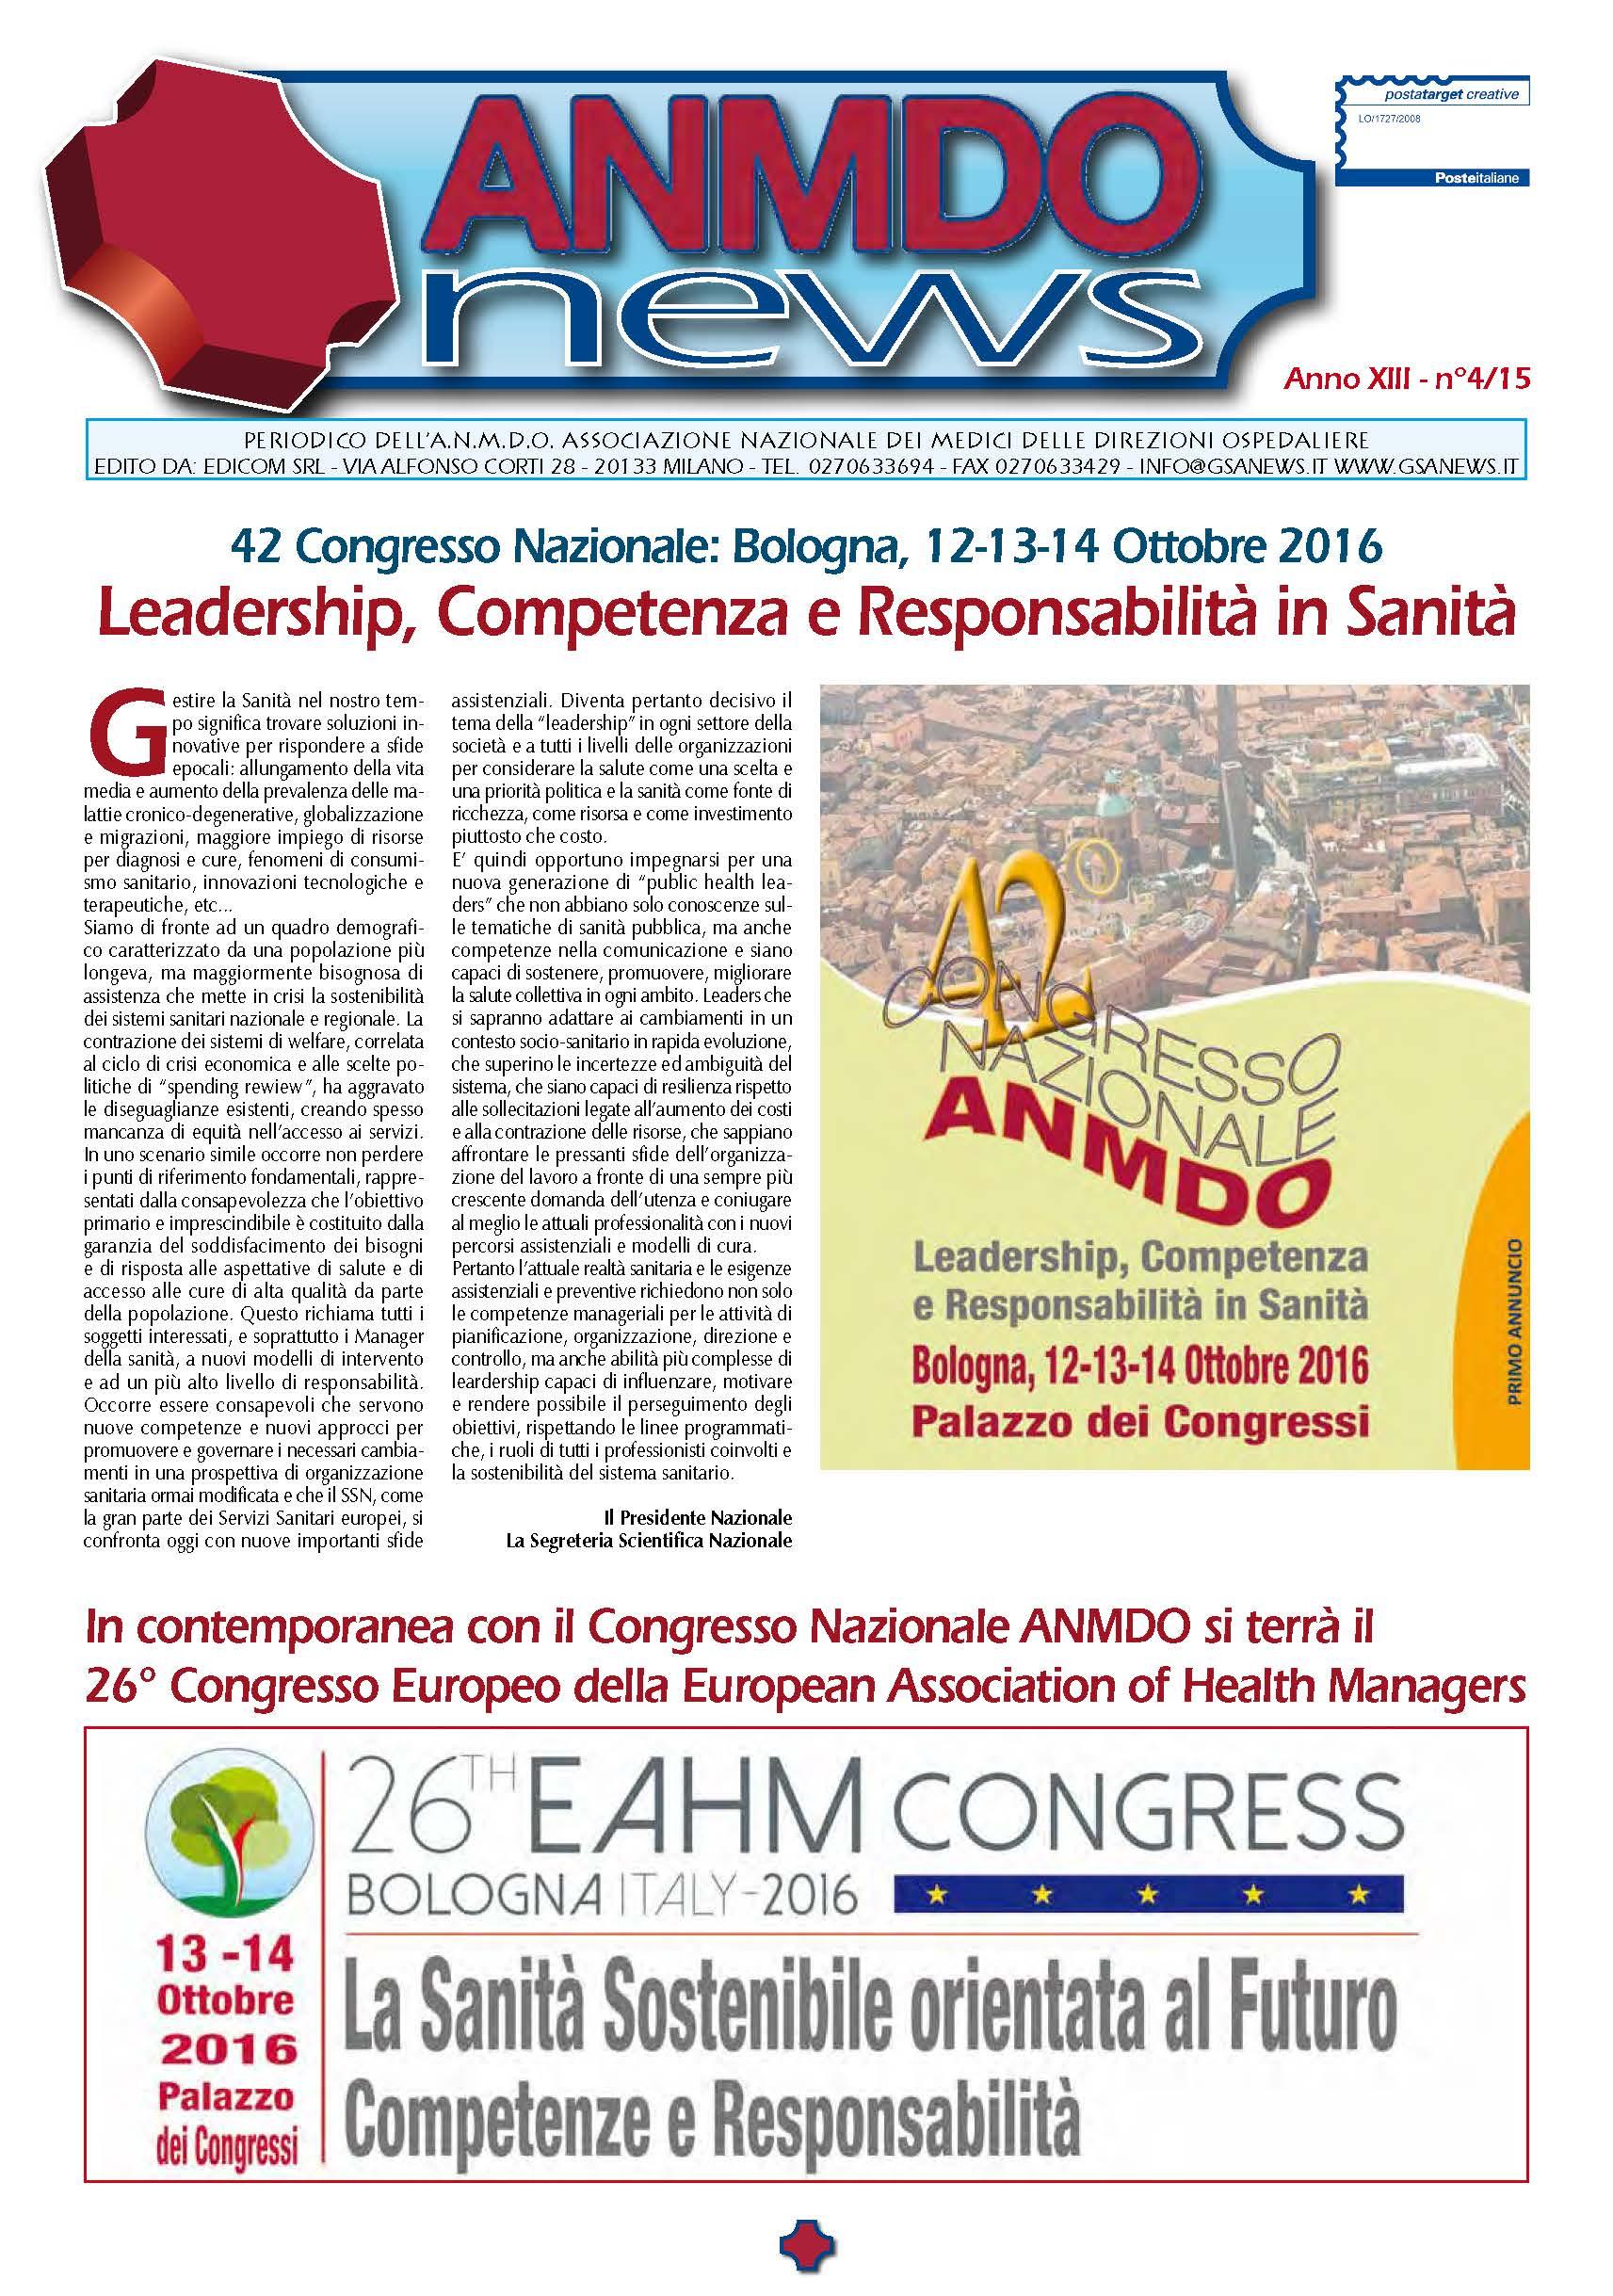 pagine-da-anmdonews_4_15